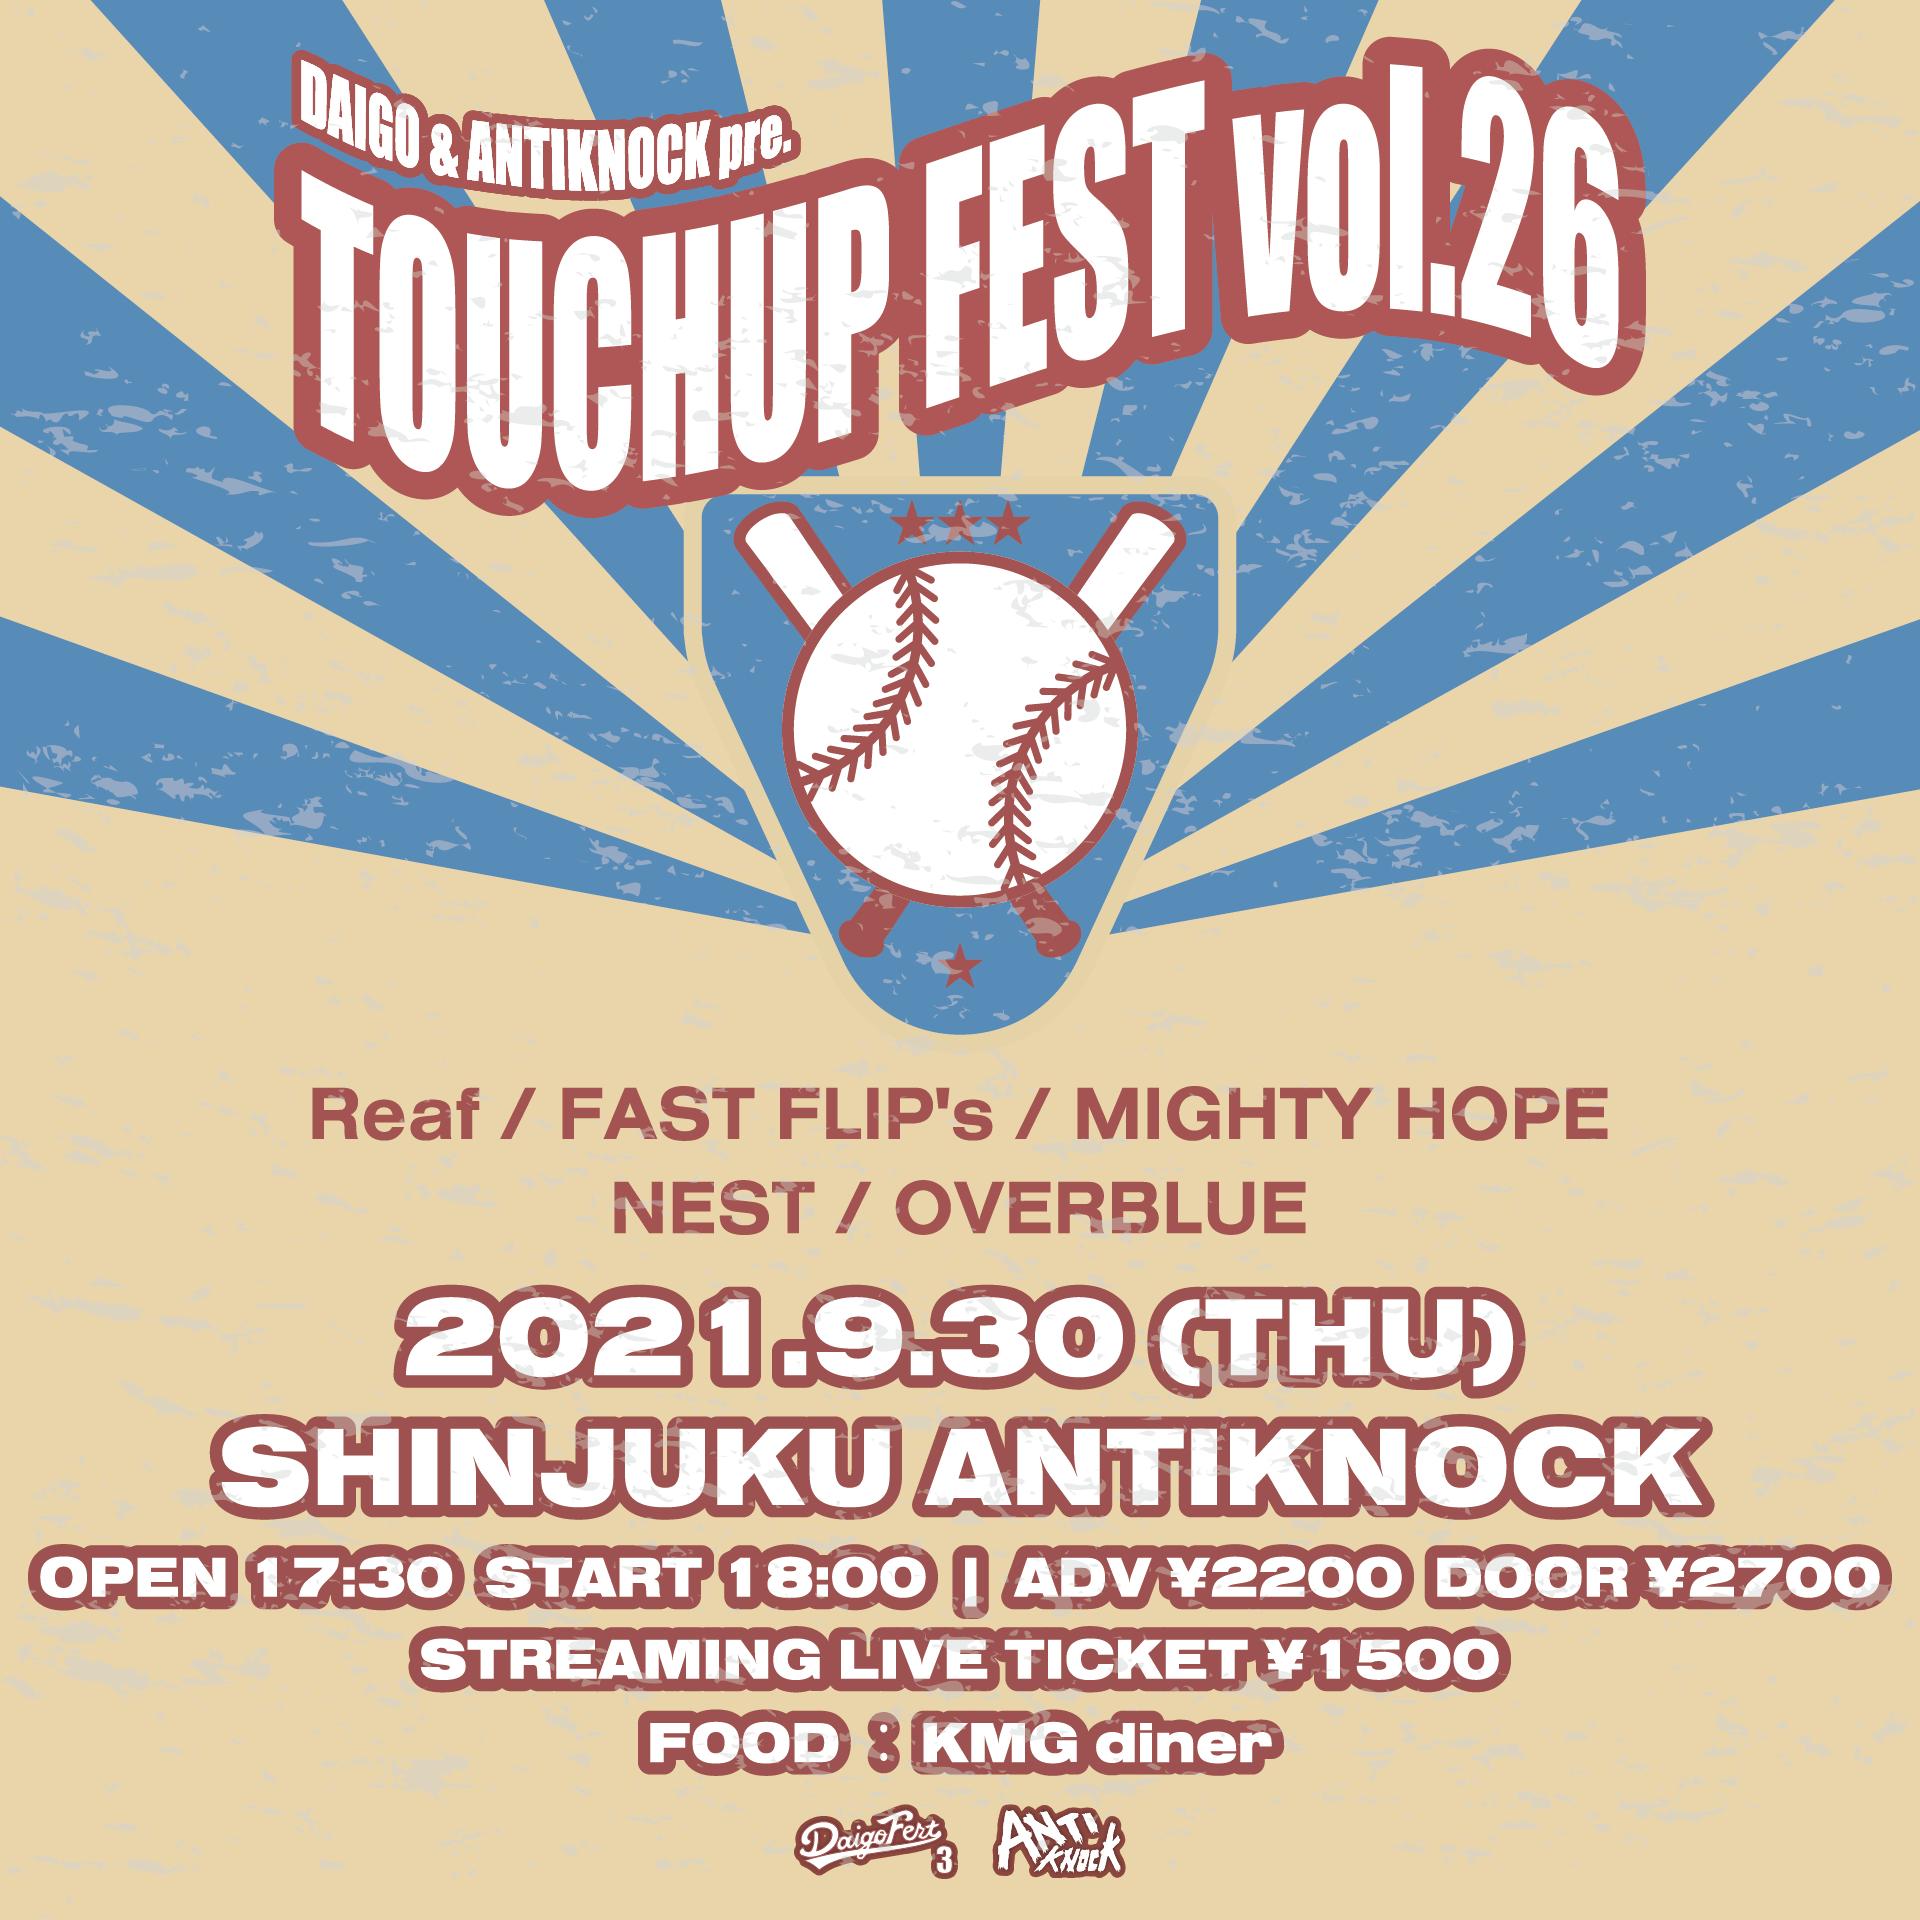 【TOUCHUP FEST vol.26】